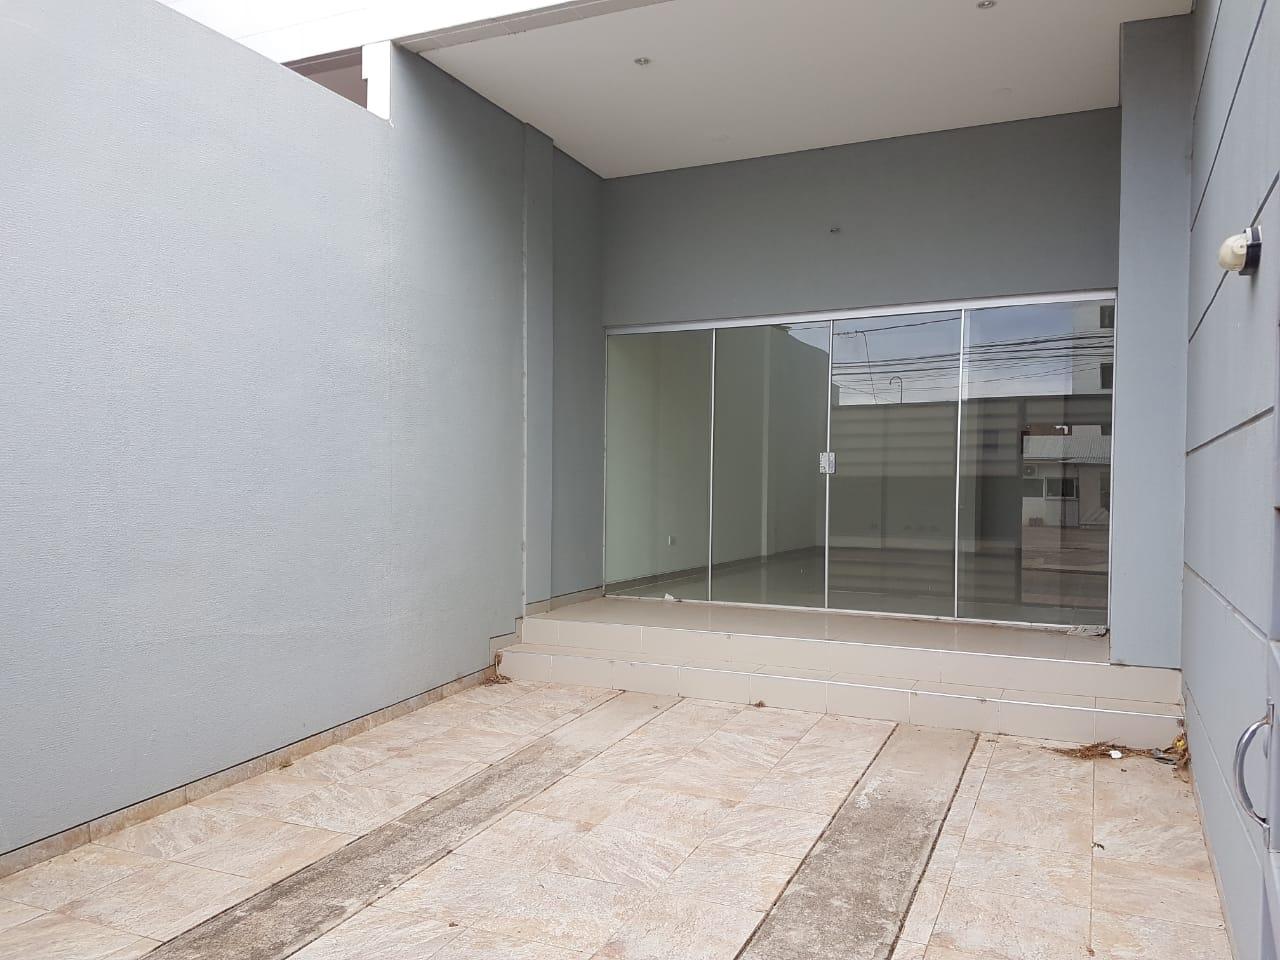 Oficina en Alquiler Calle Prolongación a media cuadra de la Av Uruguay y pocas cuadras del Palacio de Justicia Foto 3